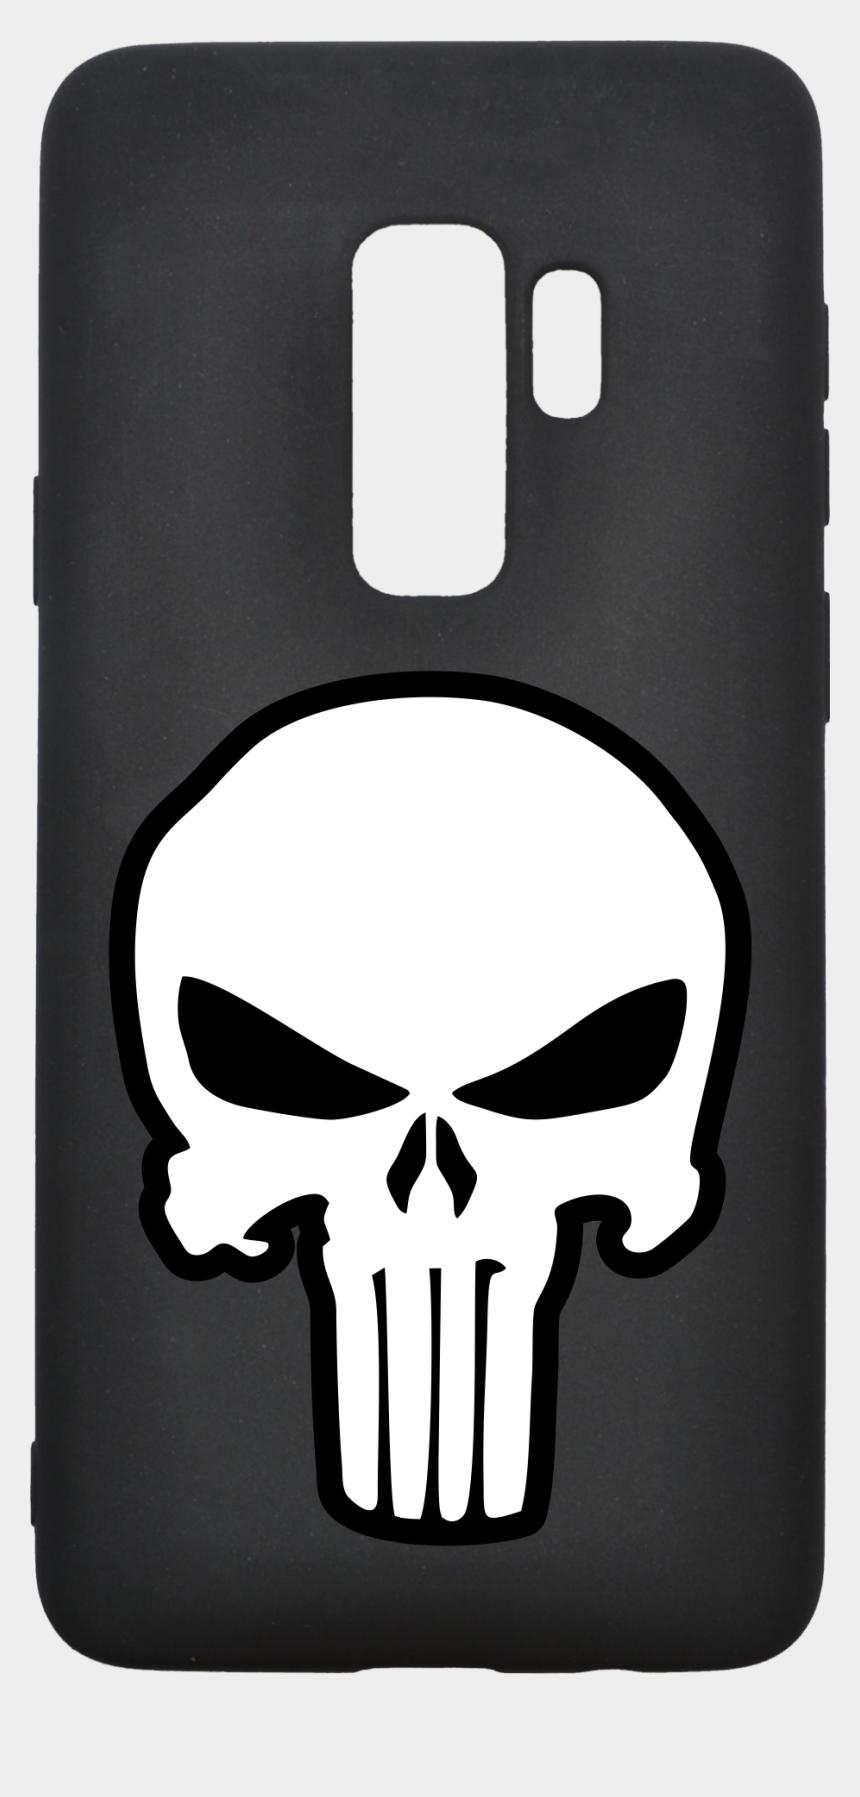 punisher skull clipart, Cartoons - Punisher Skull - Draw Punisher Skull